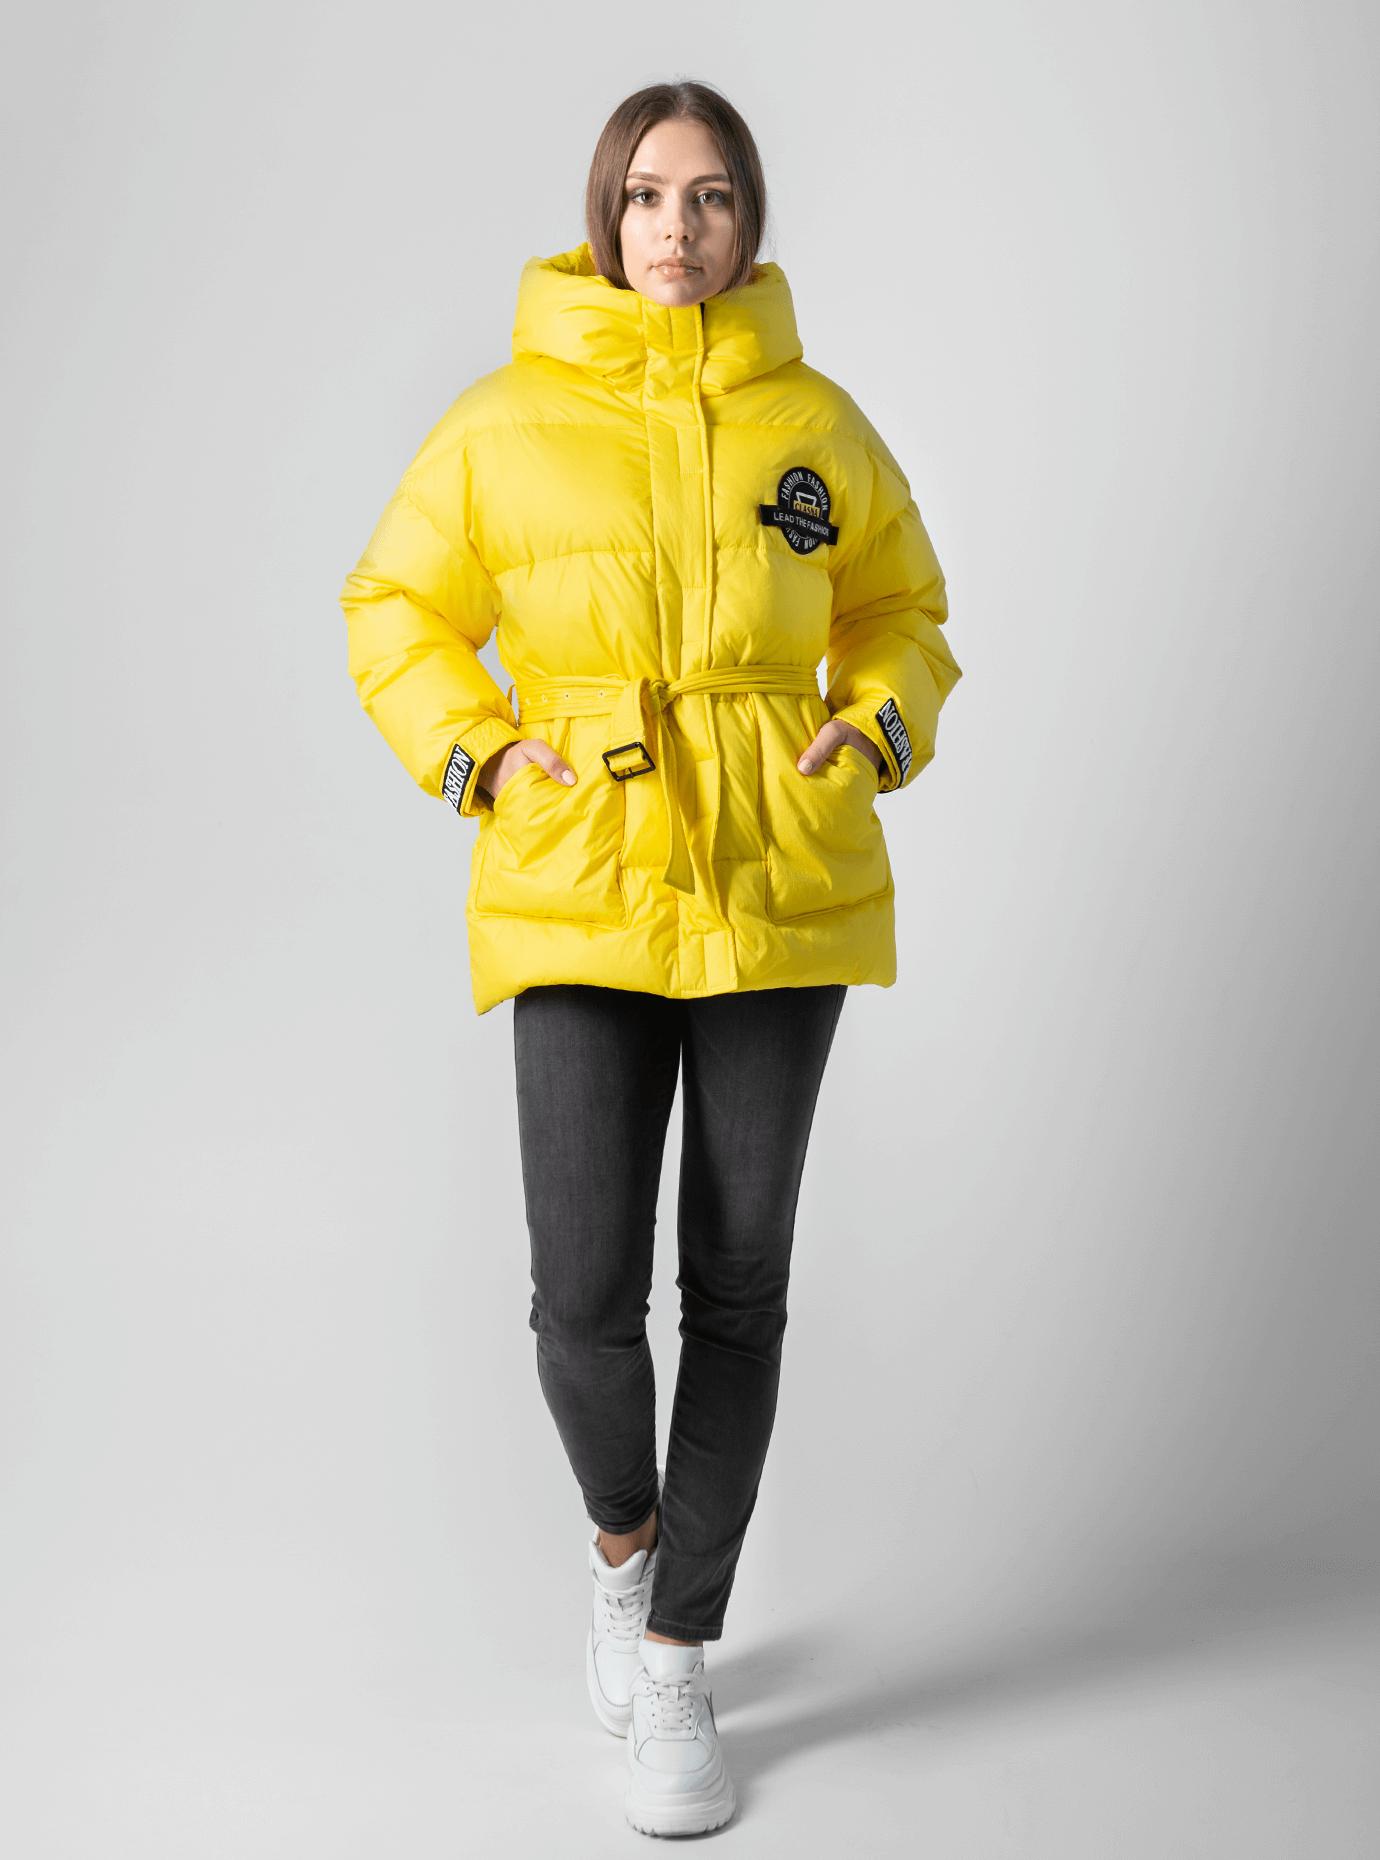 Куртка женская зимняя с наполнителем Жёлтый L (02-4574): фото - Alster.ua